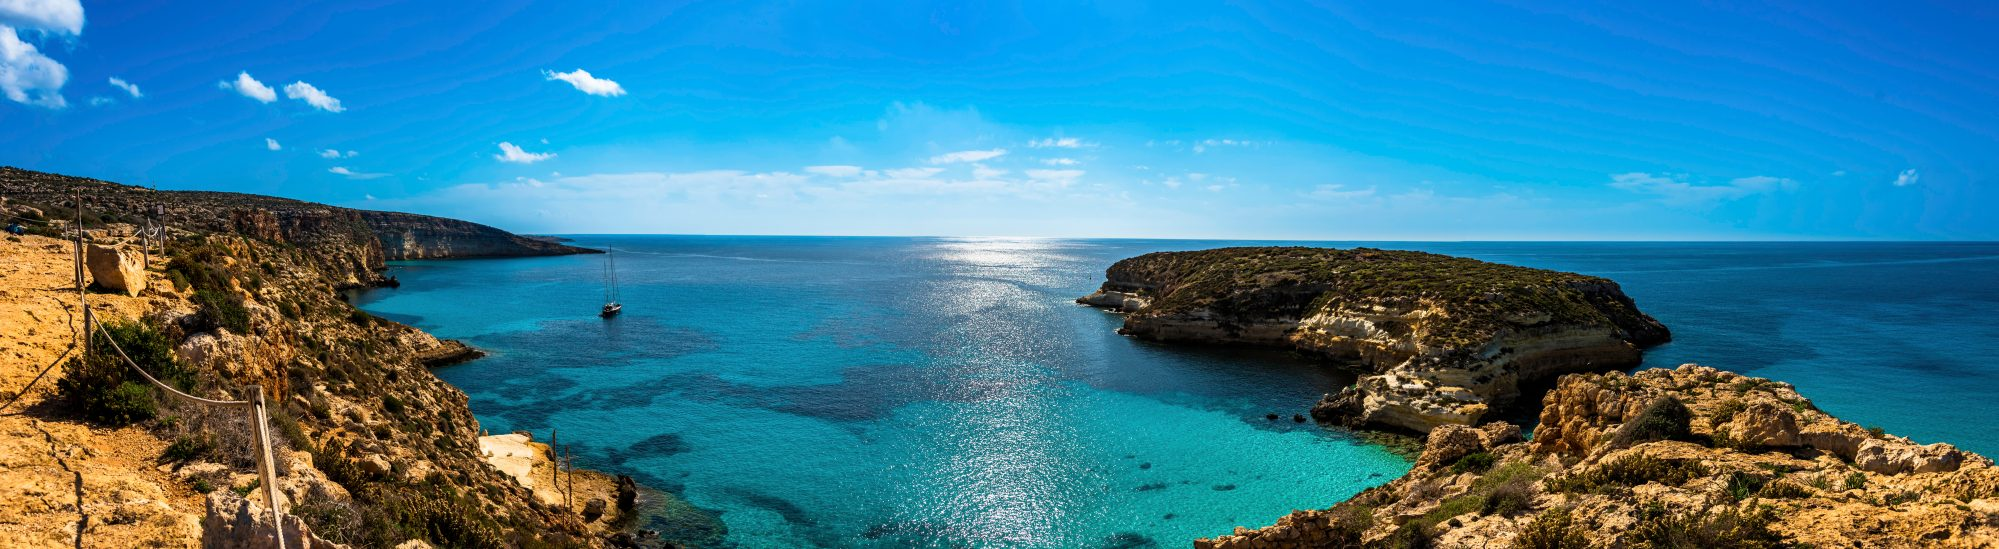 La Sicilia a modo mio – Etna e Catania